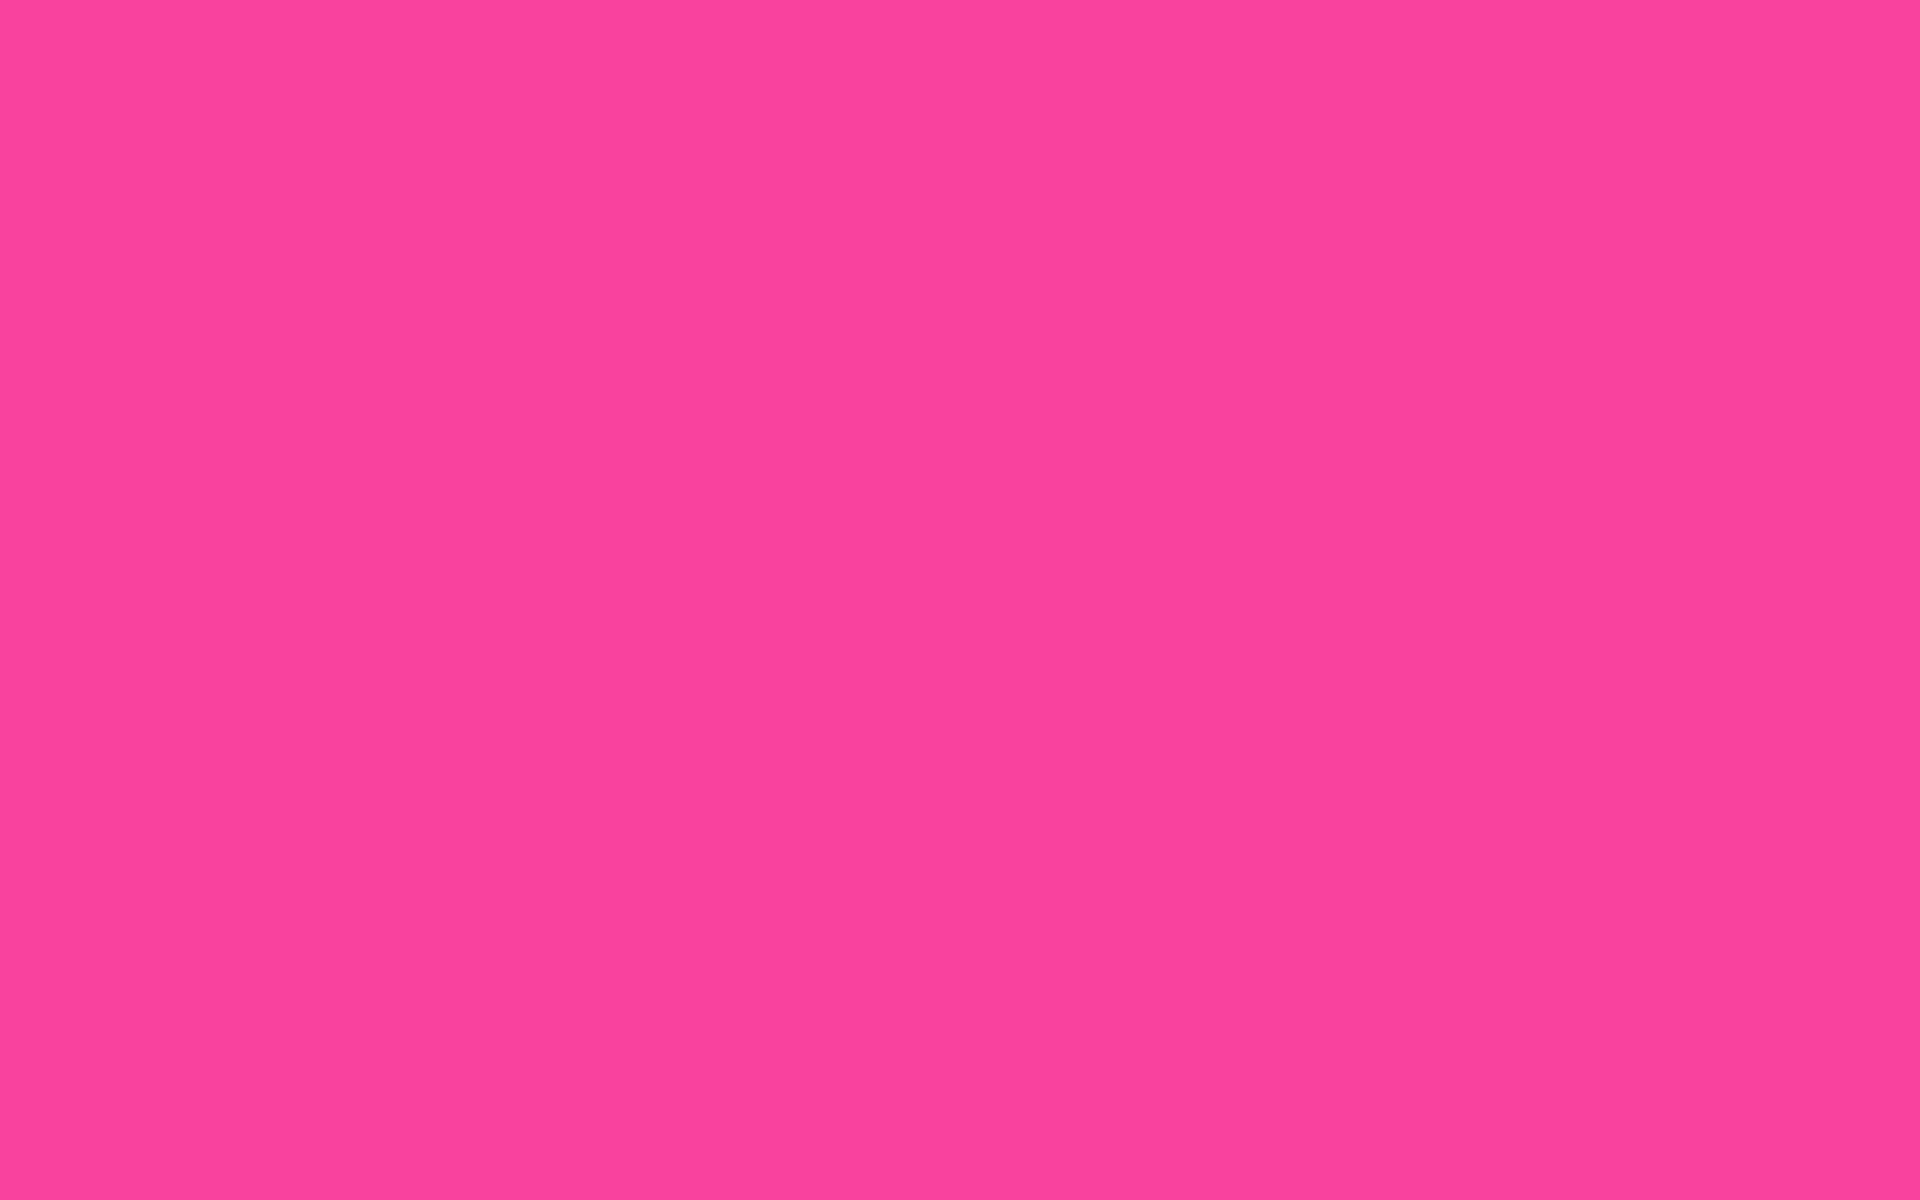 1920x1200 Rose Bonbon Solid Color Background